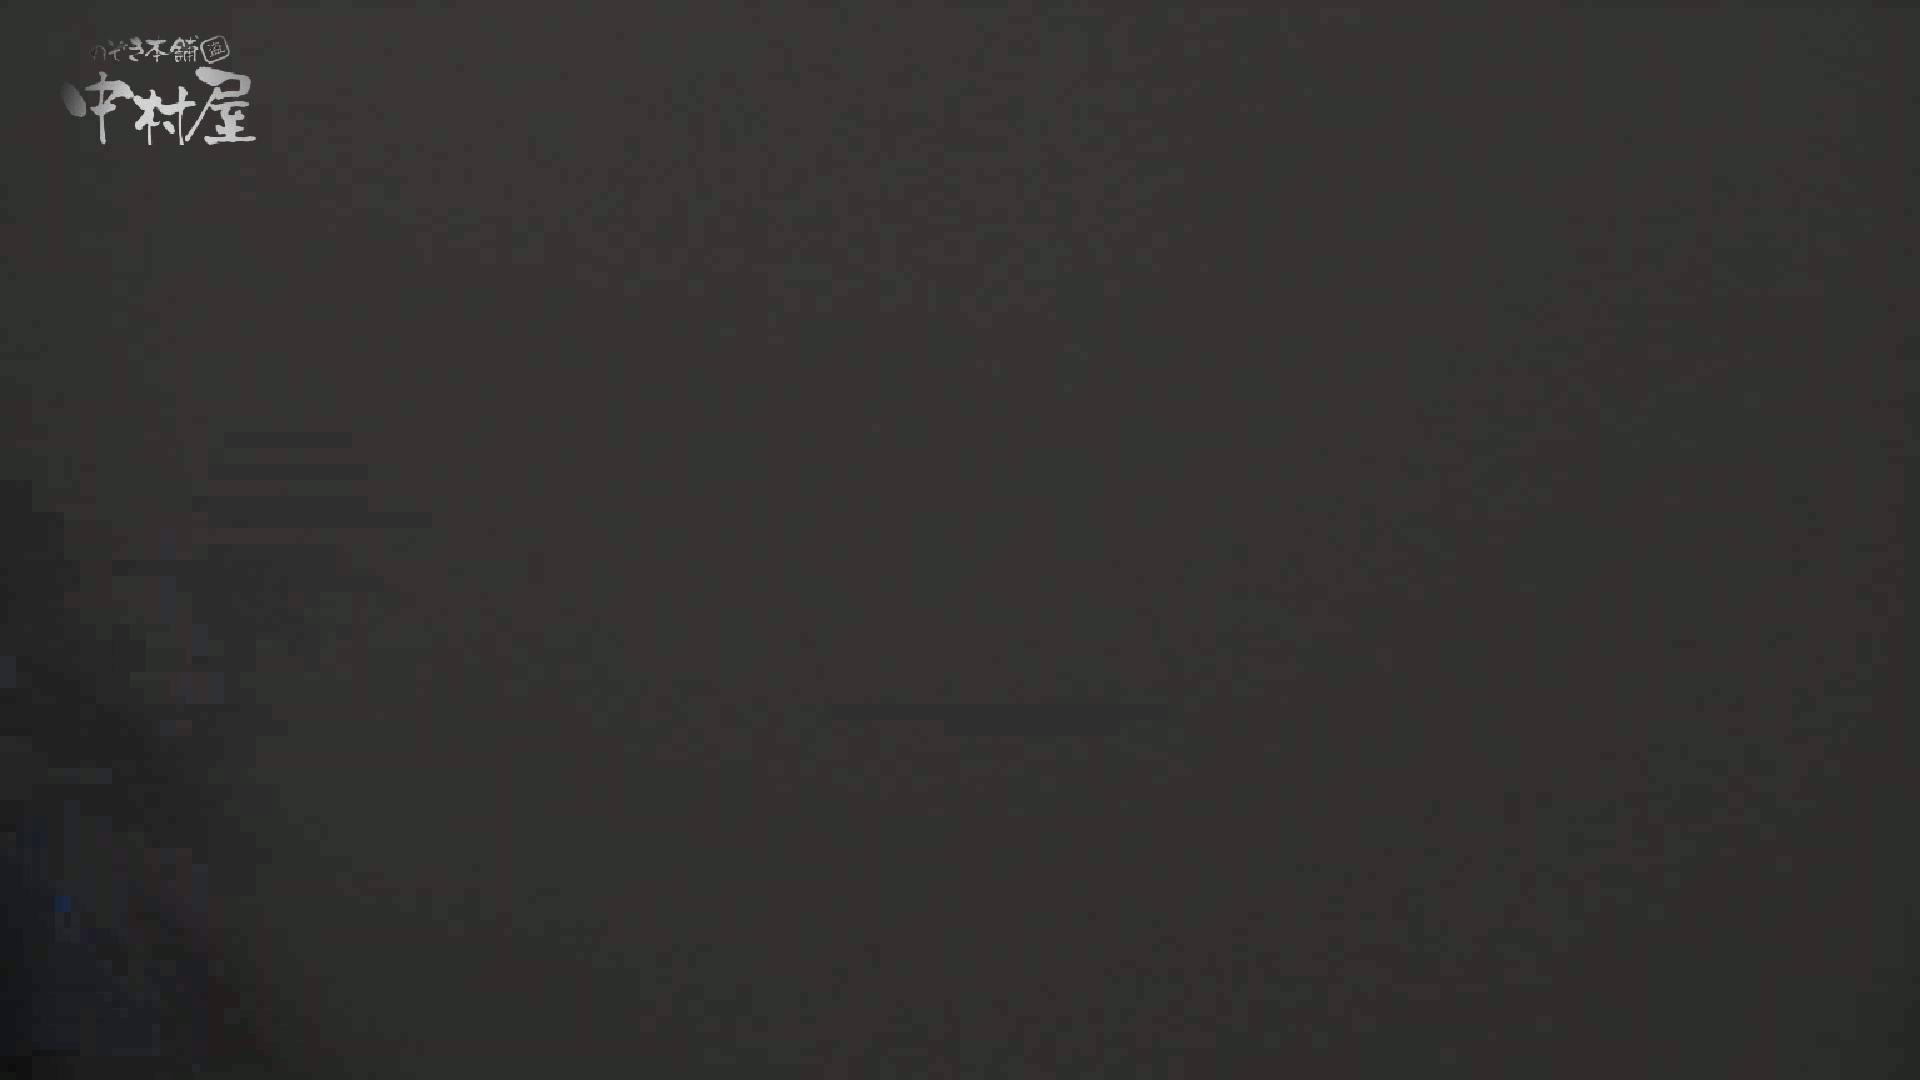 洗面所突入レポート!!vol.13 排泄編 オマンコ無修正動画無料 97PIX 24